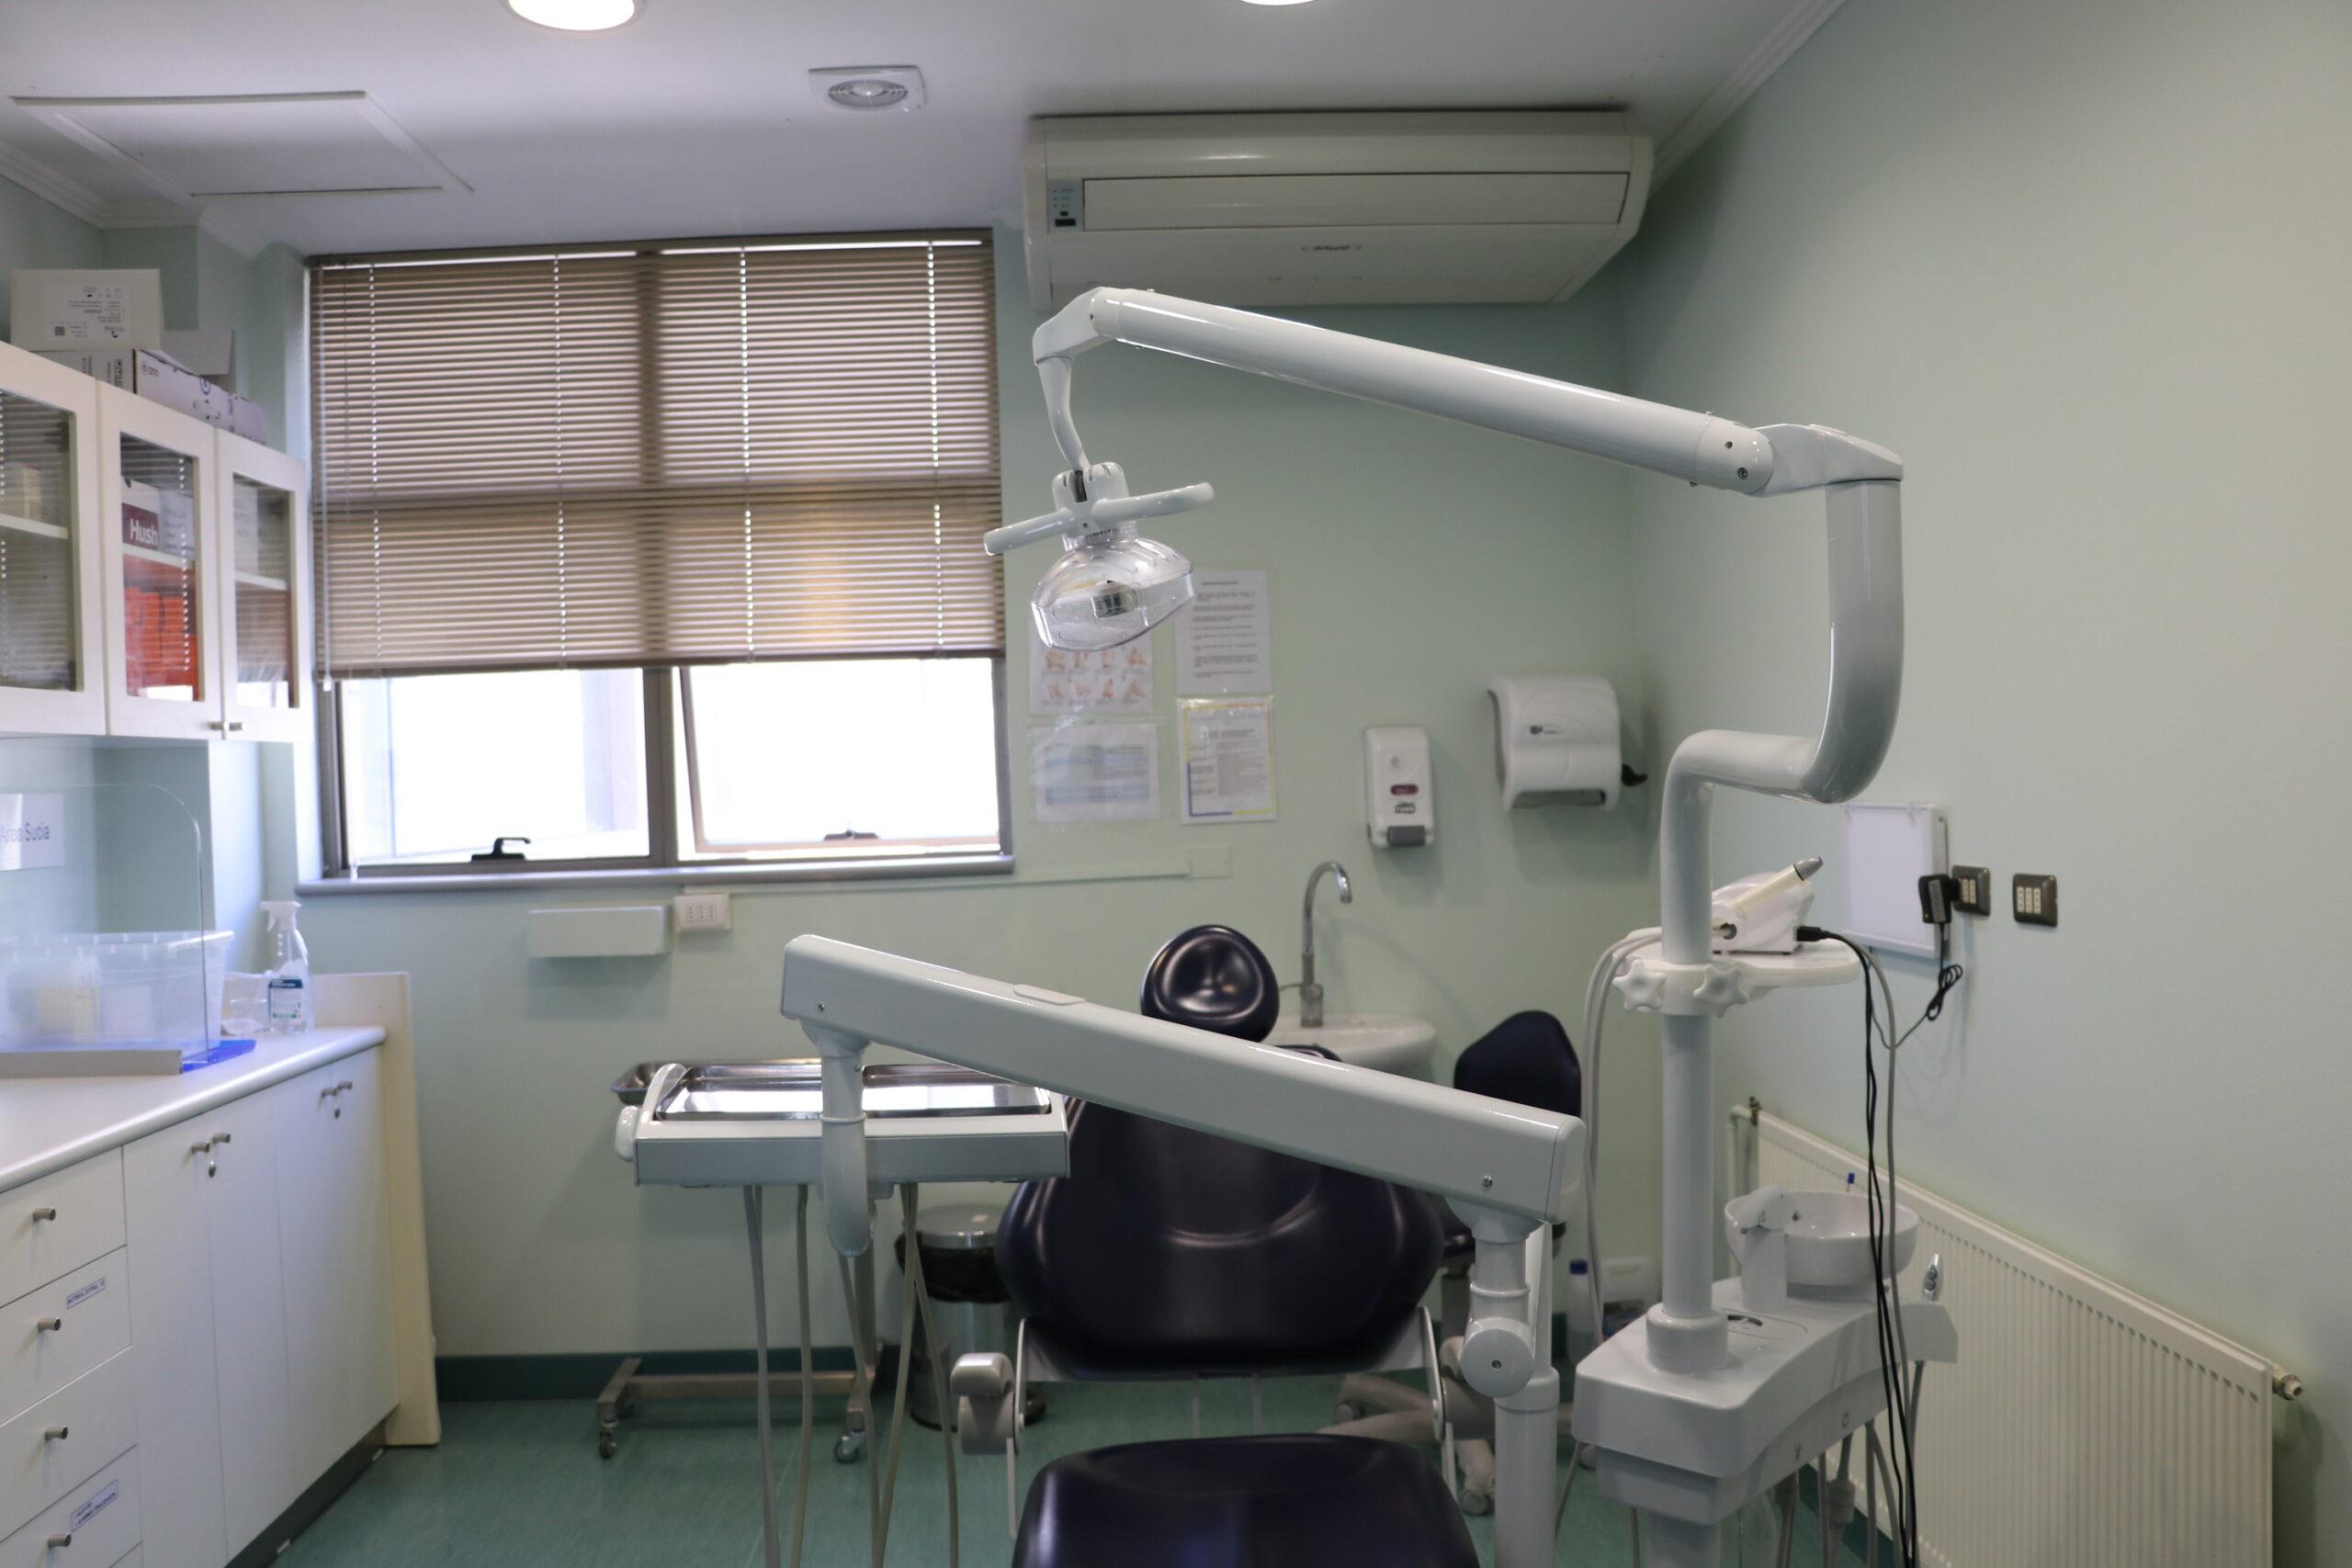 Hospital Provincial del Huasco mejora eficiencia de atención dental con moderno sistema de extracción de aire